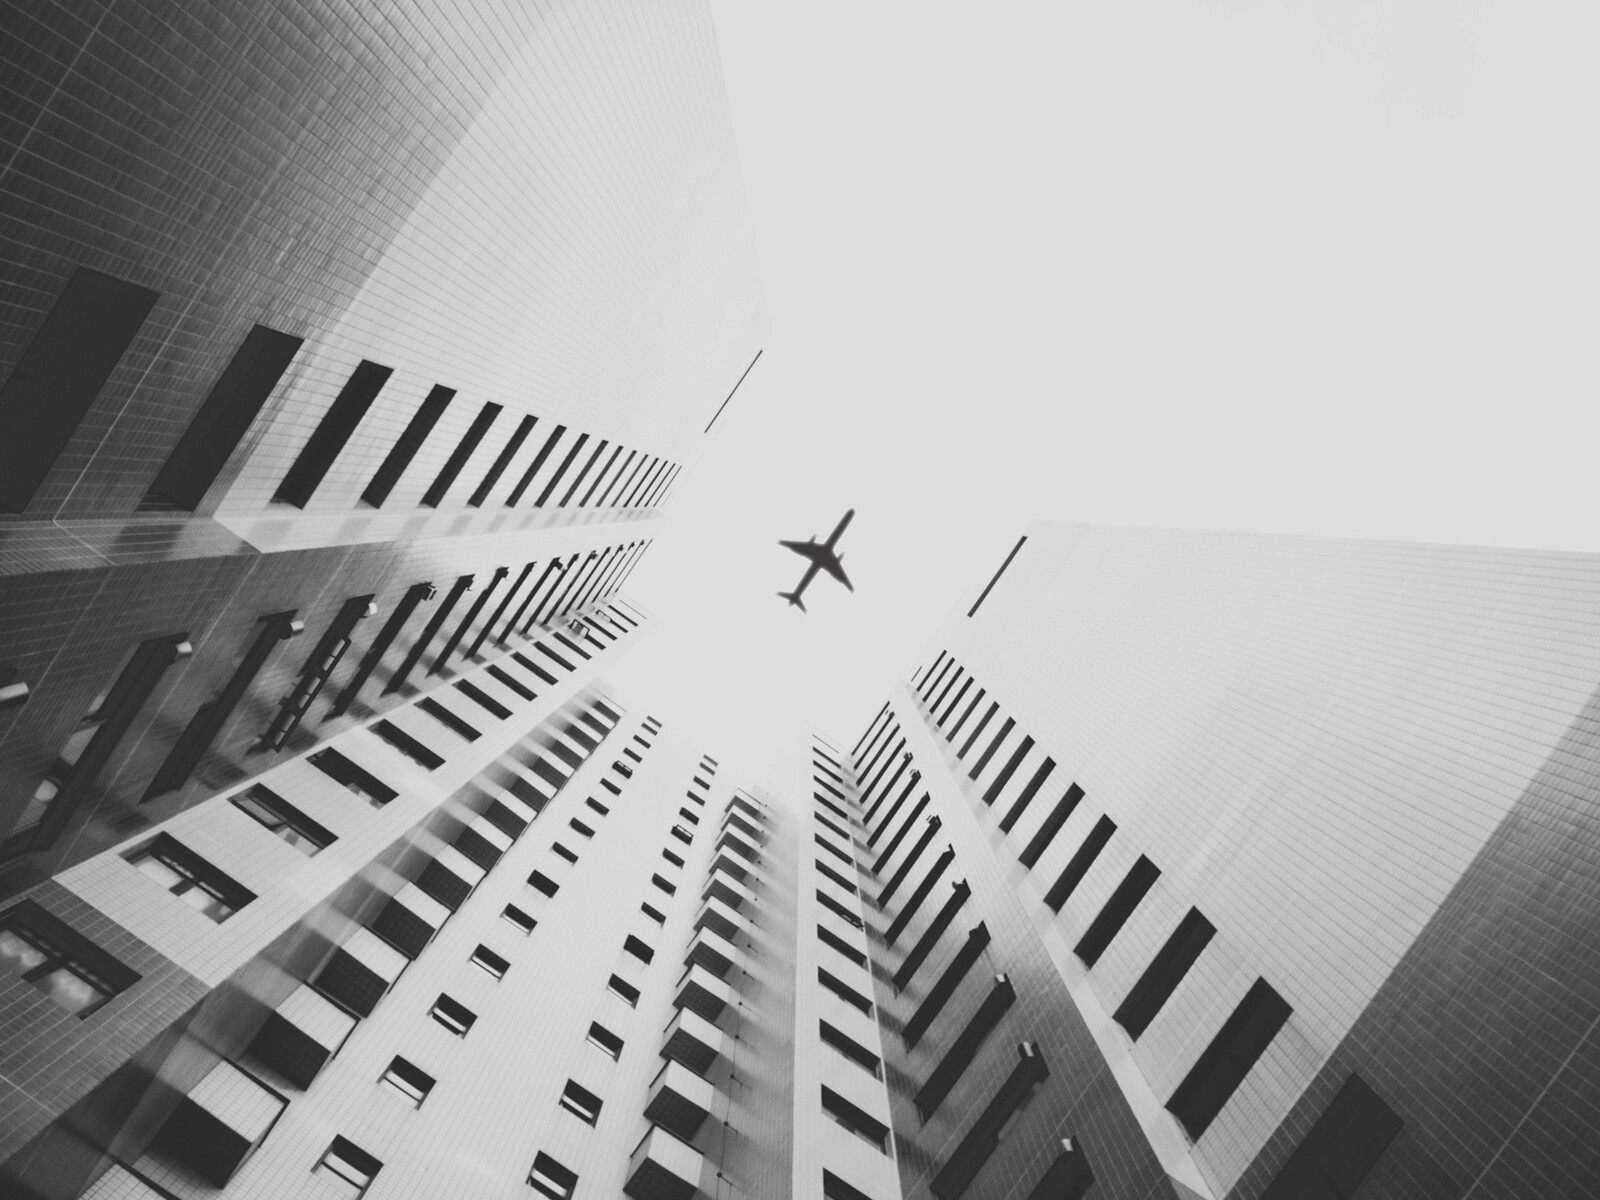 airplane-flying-above-skyscrapers-hd.jpg